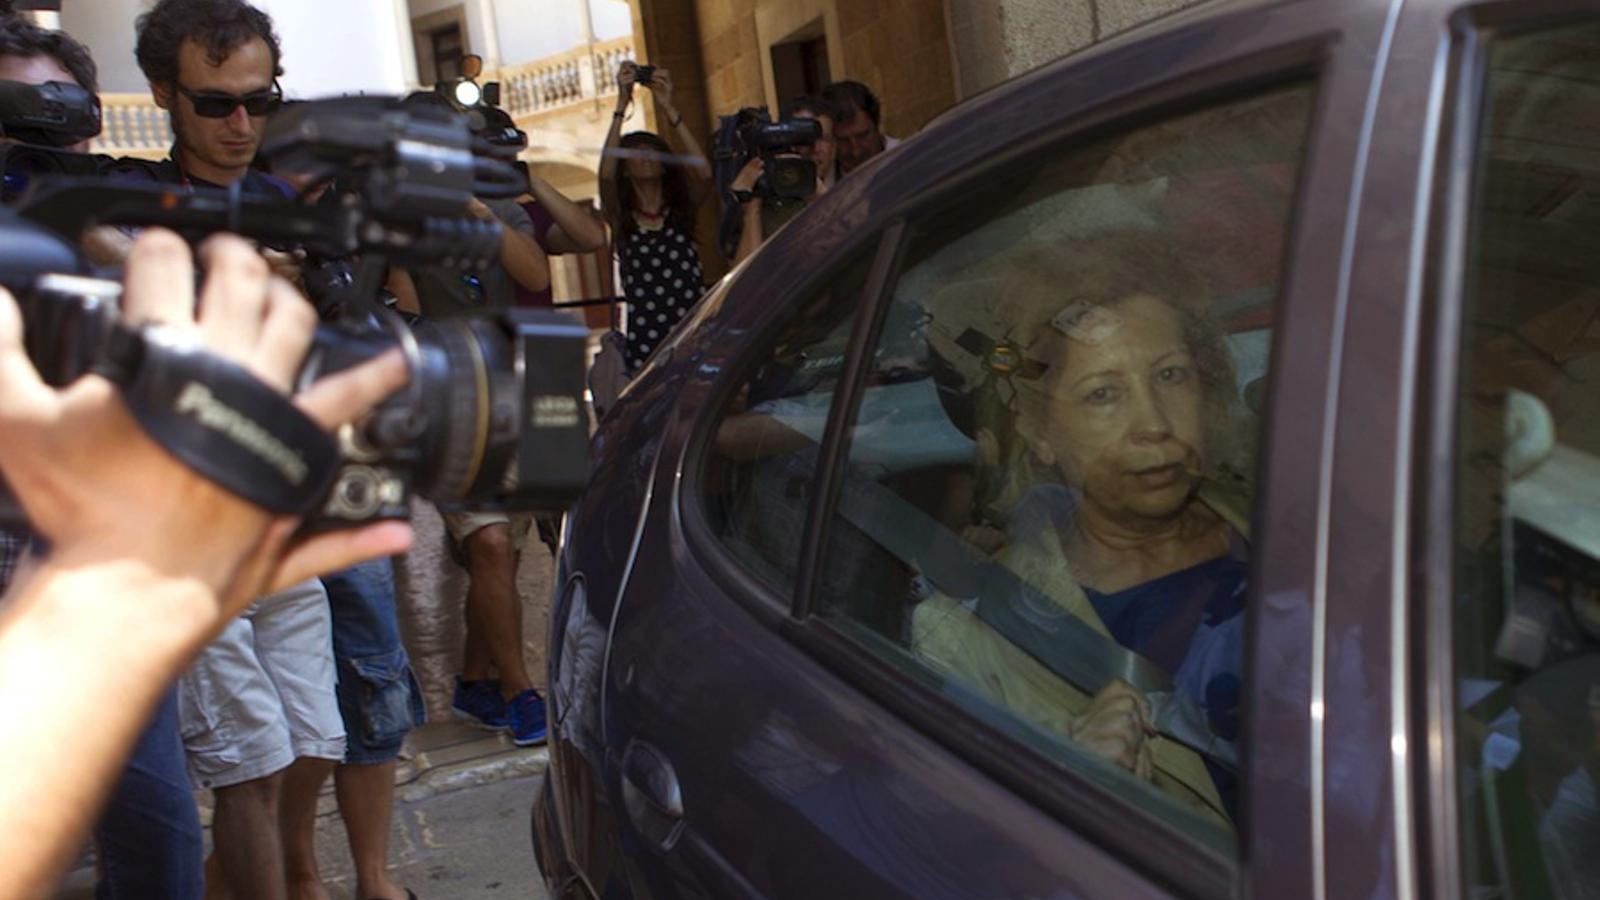 Maria Antònia Munar, en un vehicle de la Guàrdia Civil que la portava a la presó preventiva, mentre es veuen els recursos de la sentència pel cas Can Domenge / EFE